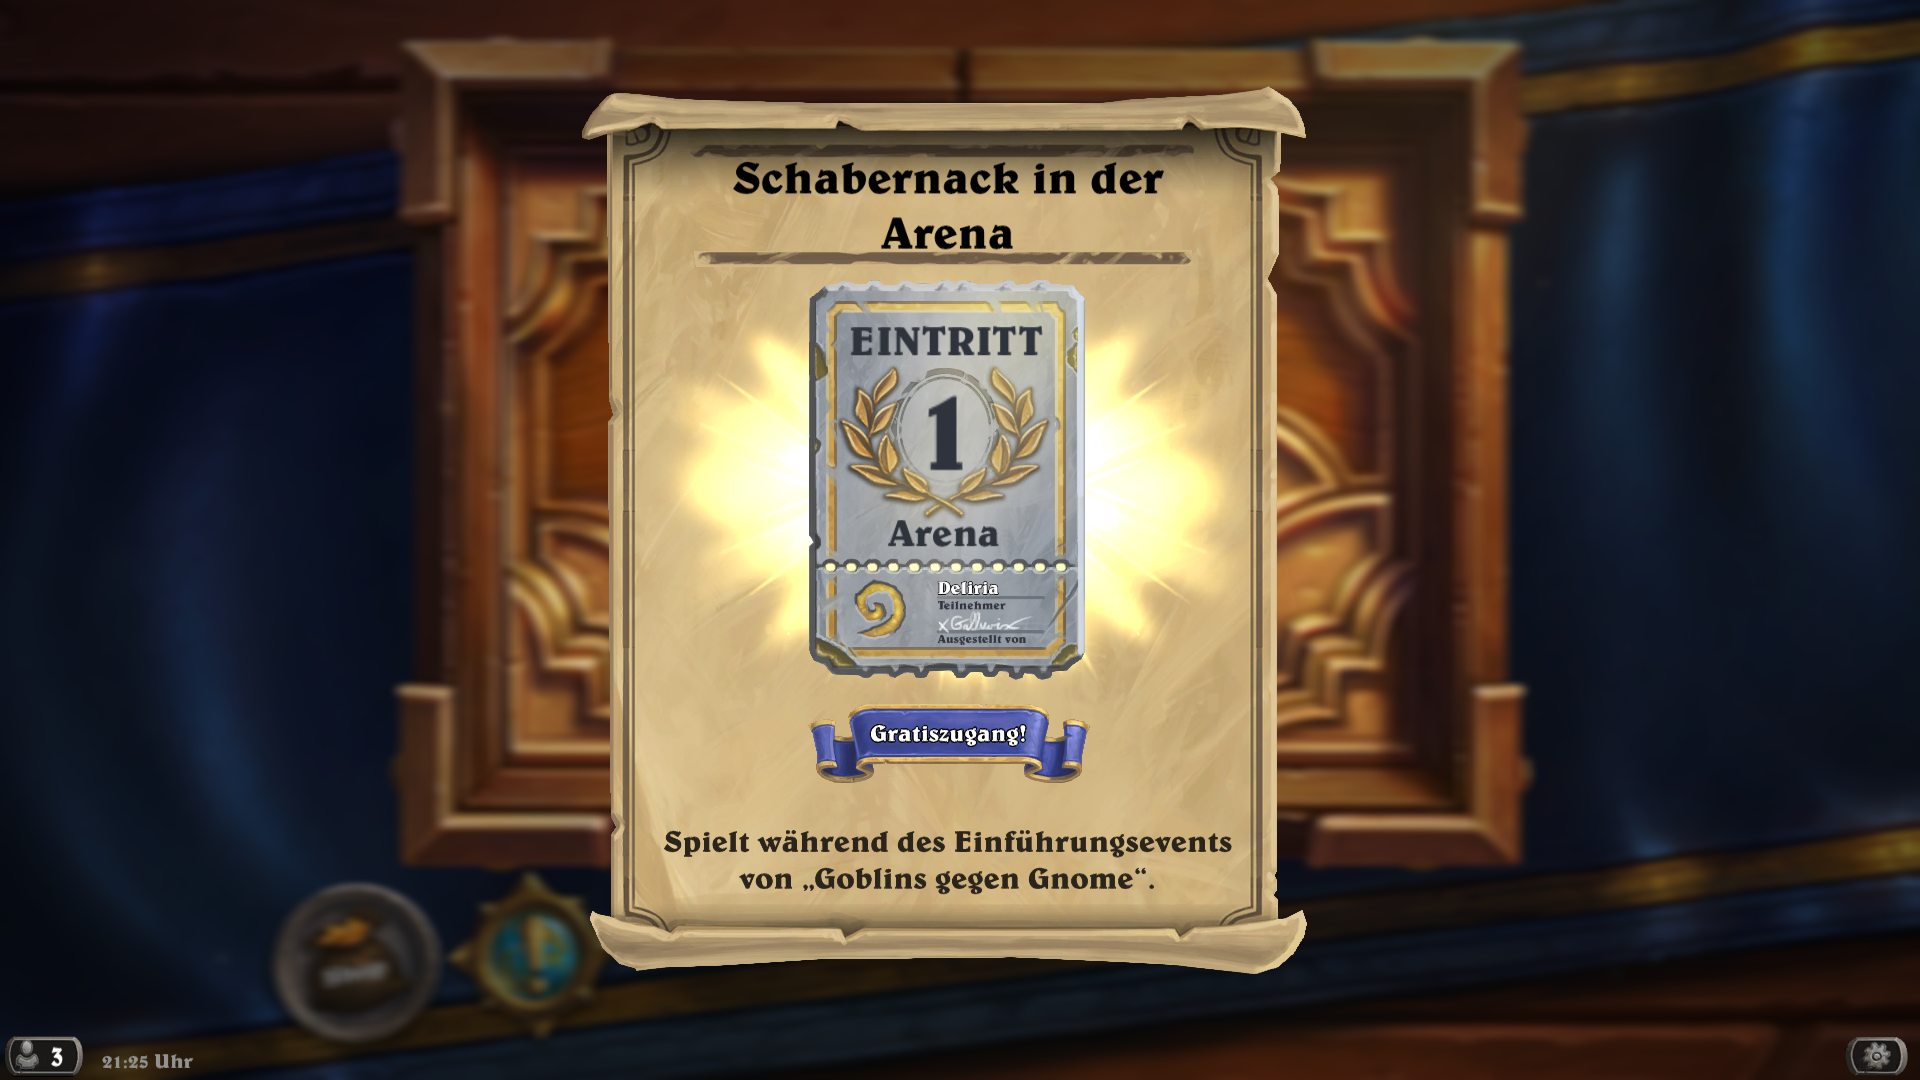 Hearthstone: Jetzt Freirunde in der Arena drehen! Mit den neuen Karten